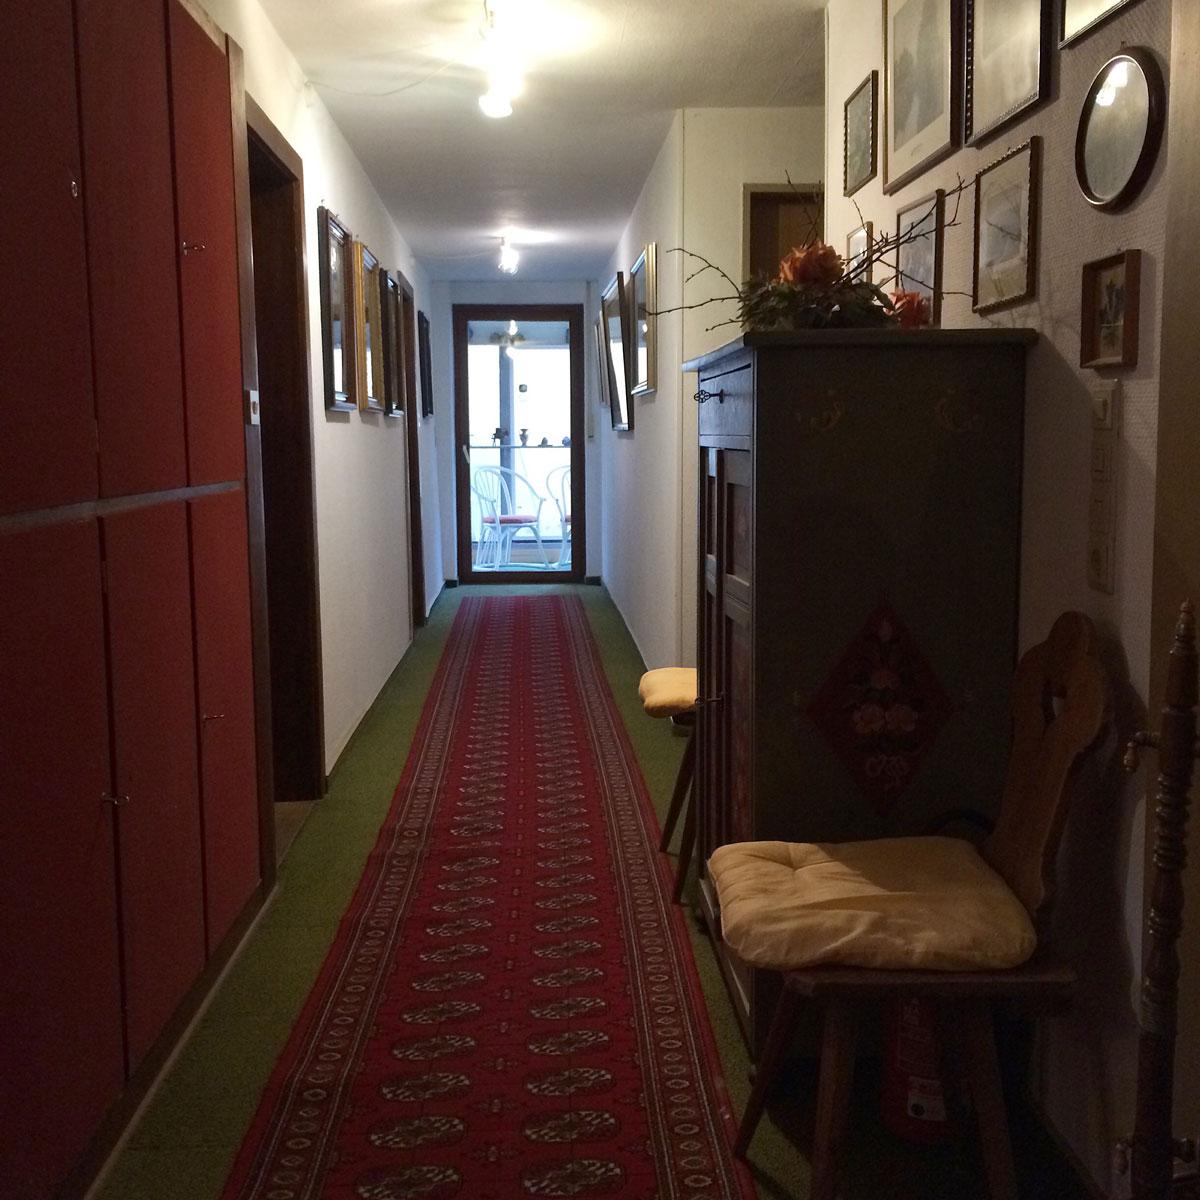 Коридор гостиницы в стиле фахверк